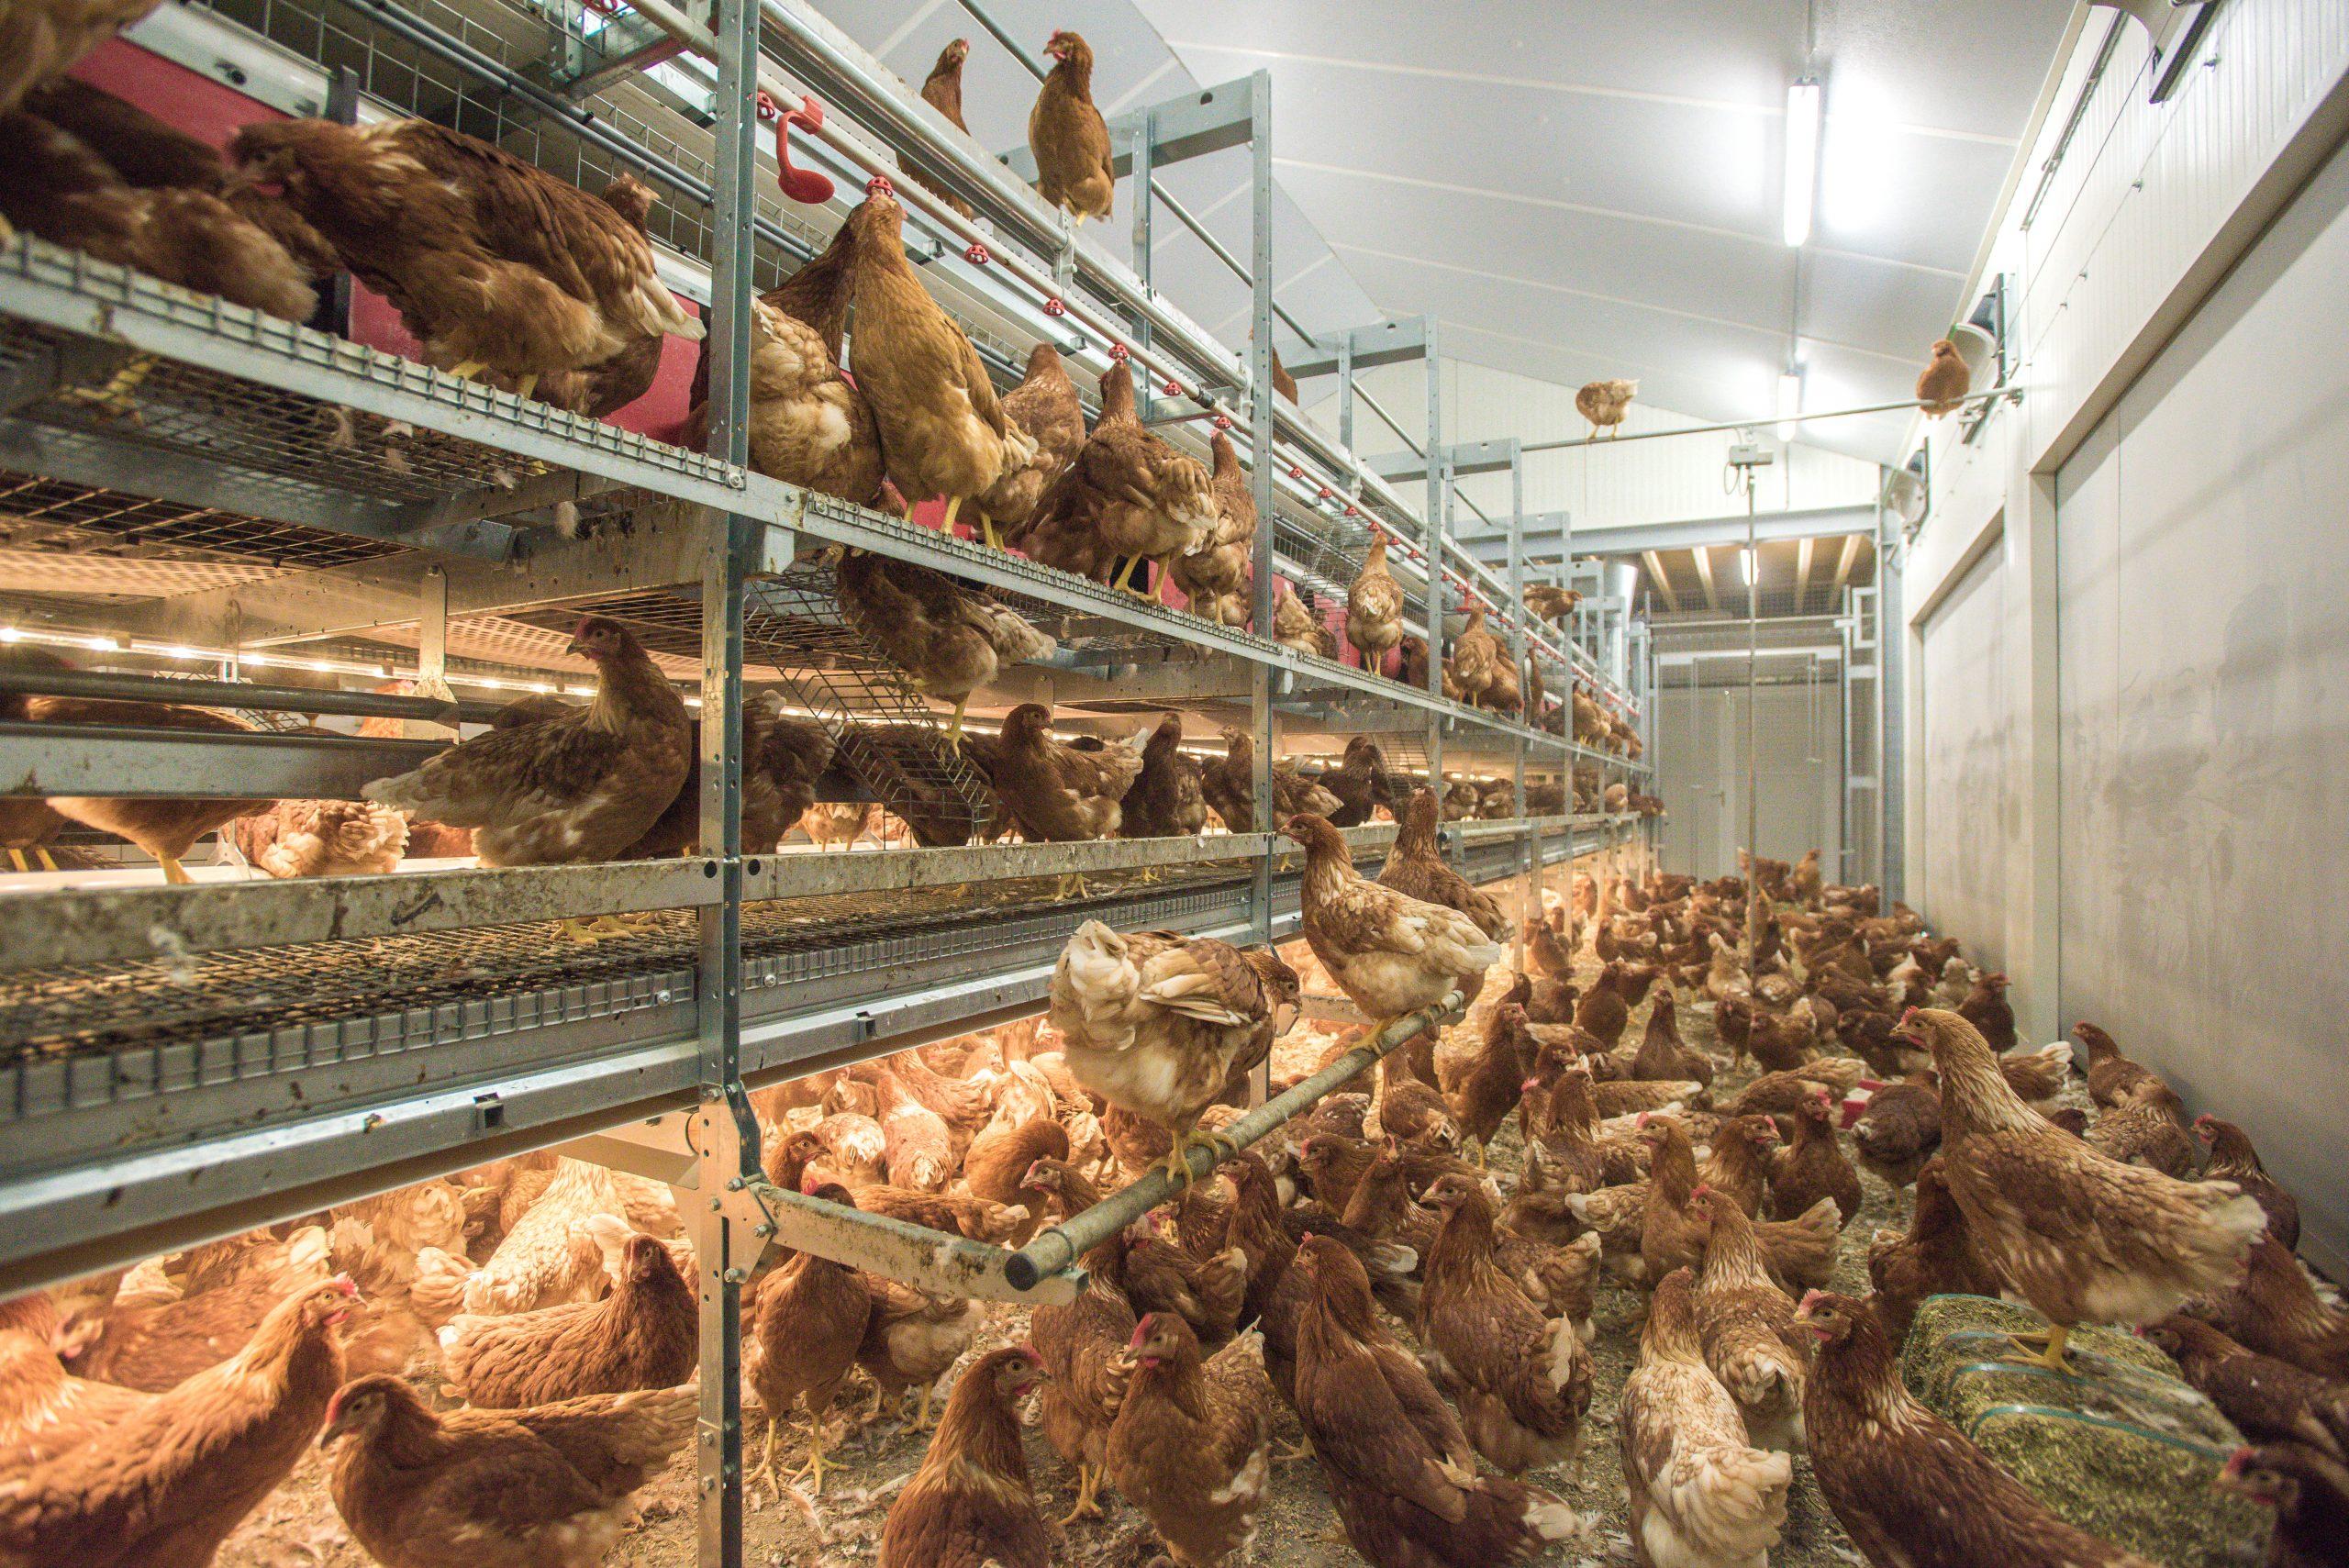 蛋鸡动物福利基准:评估非笼养蛋鸡福利的工具